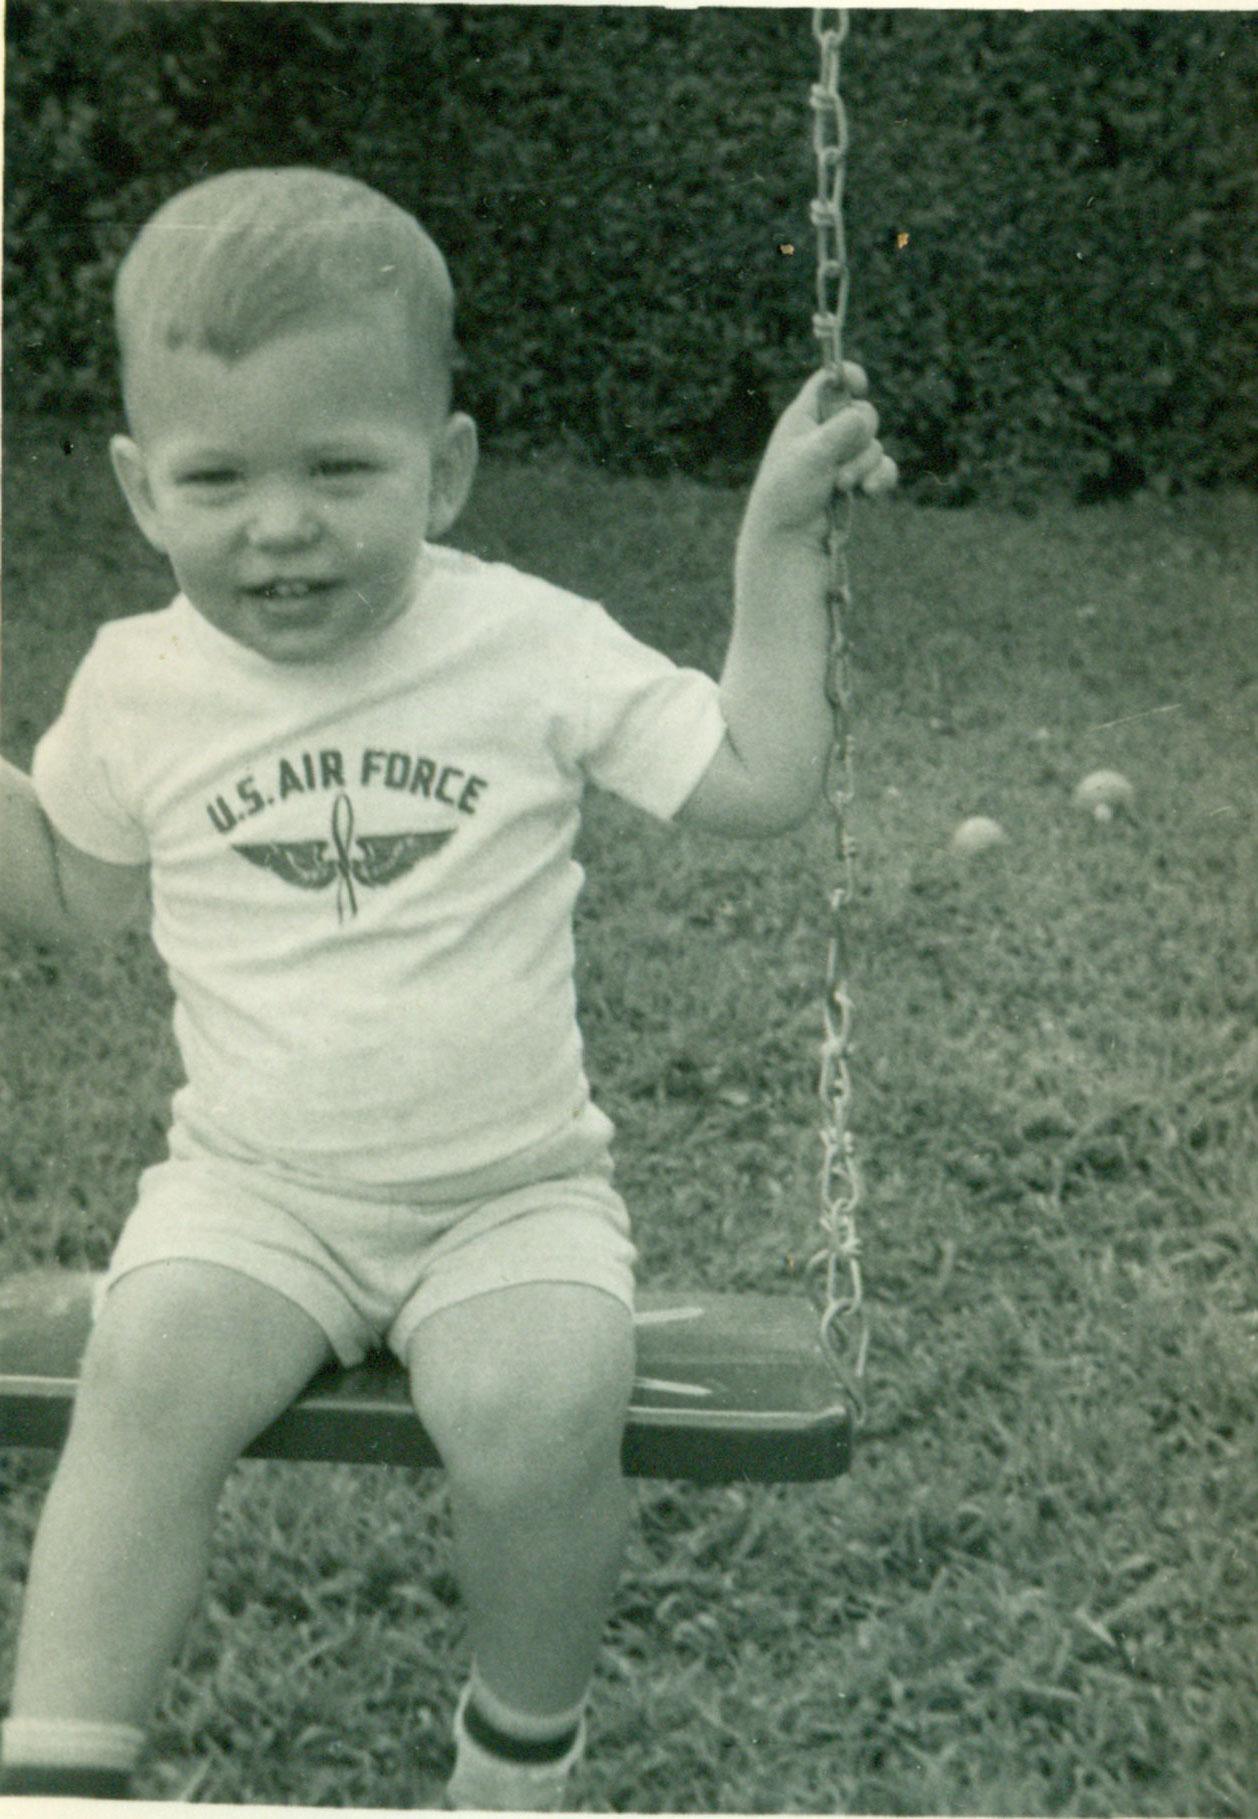 Tom-Baby-4.jpg